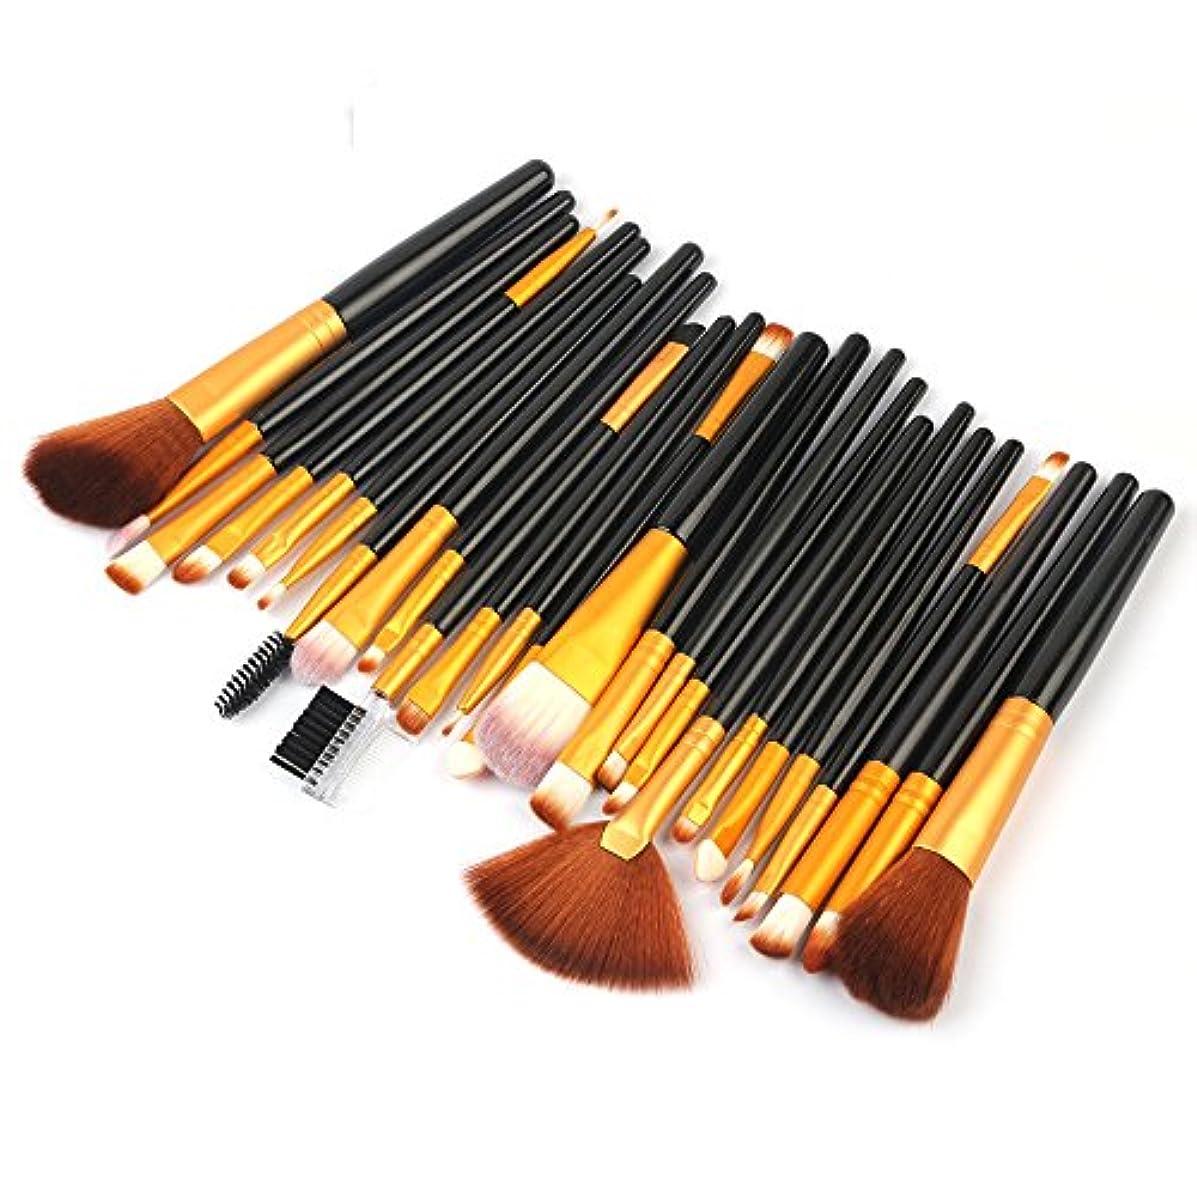 デザートみすぼらしい大破Akane 25本 プロ 高級 魅力的 高品質 綺麗 美感 たっぷり セート 多機能 使いやすい おしゃれ 便利 柔らかい 激安 日常 仕事 Makeup Brush メイクアップブラシ HJ25